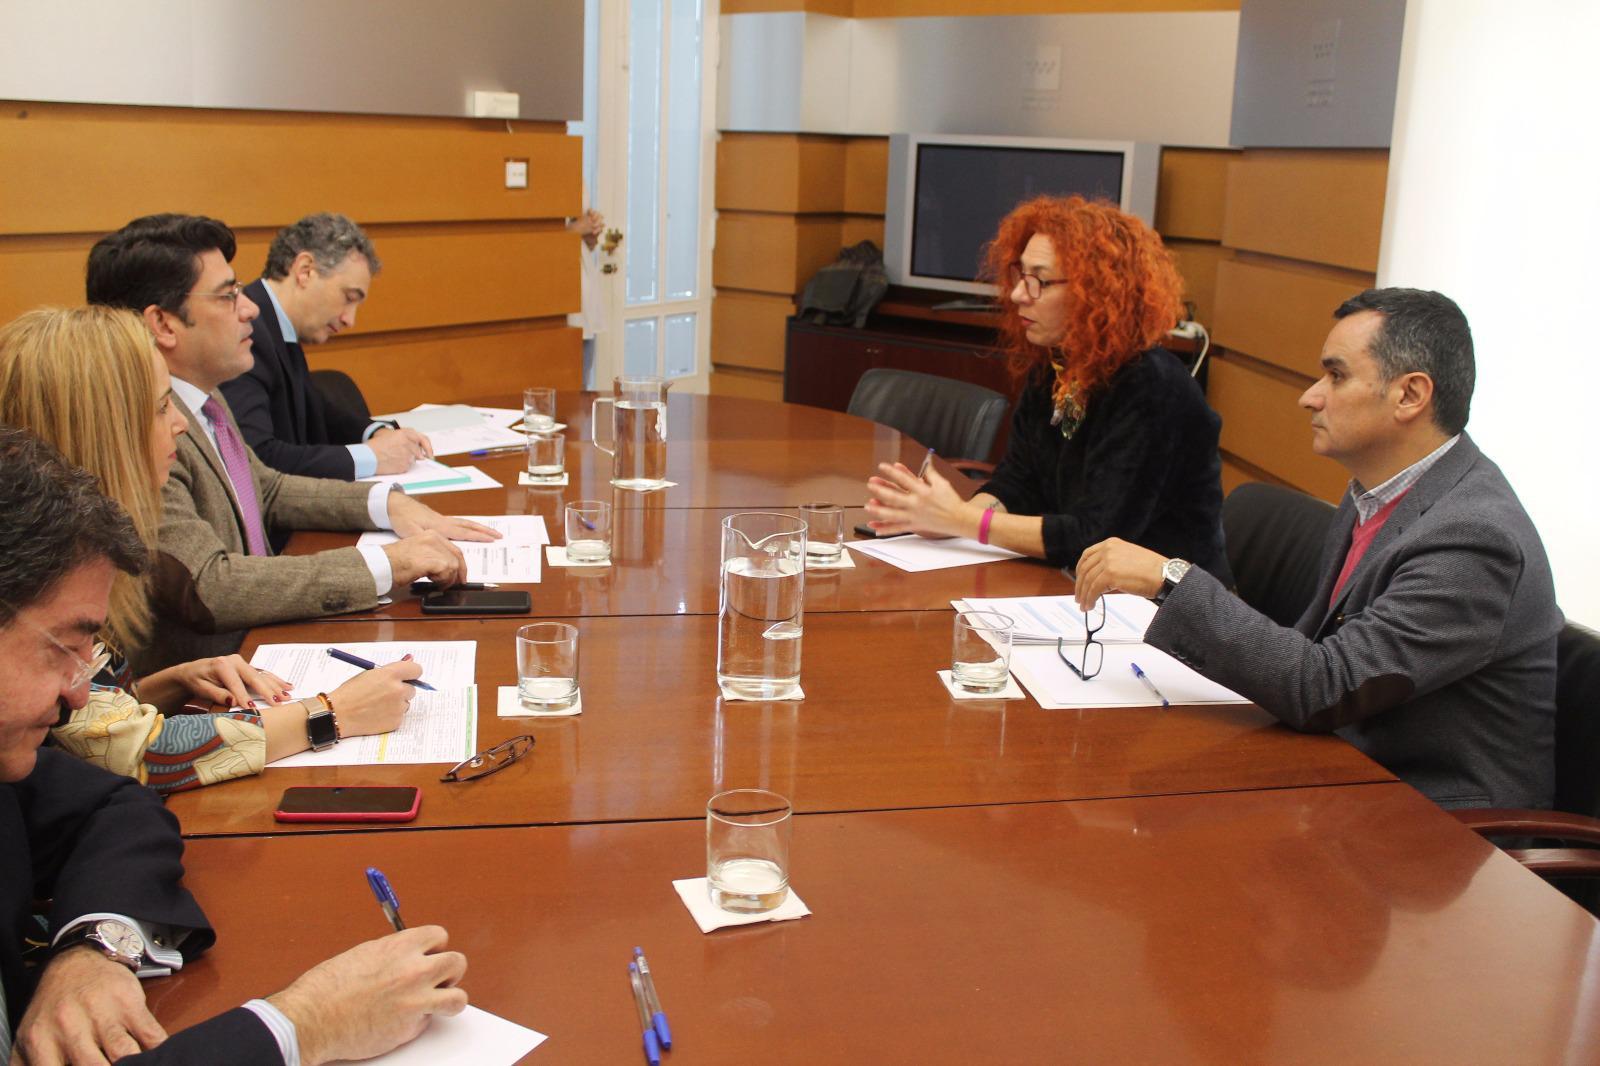 La Alcaldesa y el Concejal de Urbanismo valoran positivamente la reunión con el Consejero de Administración Local